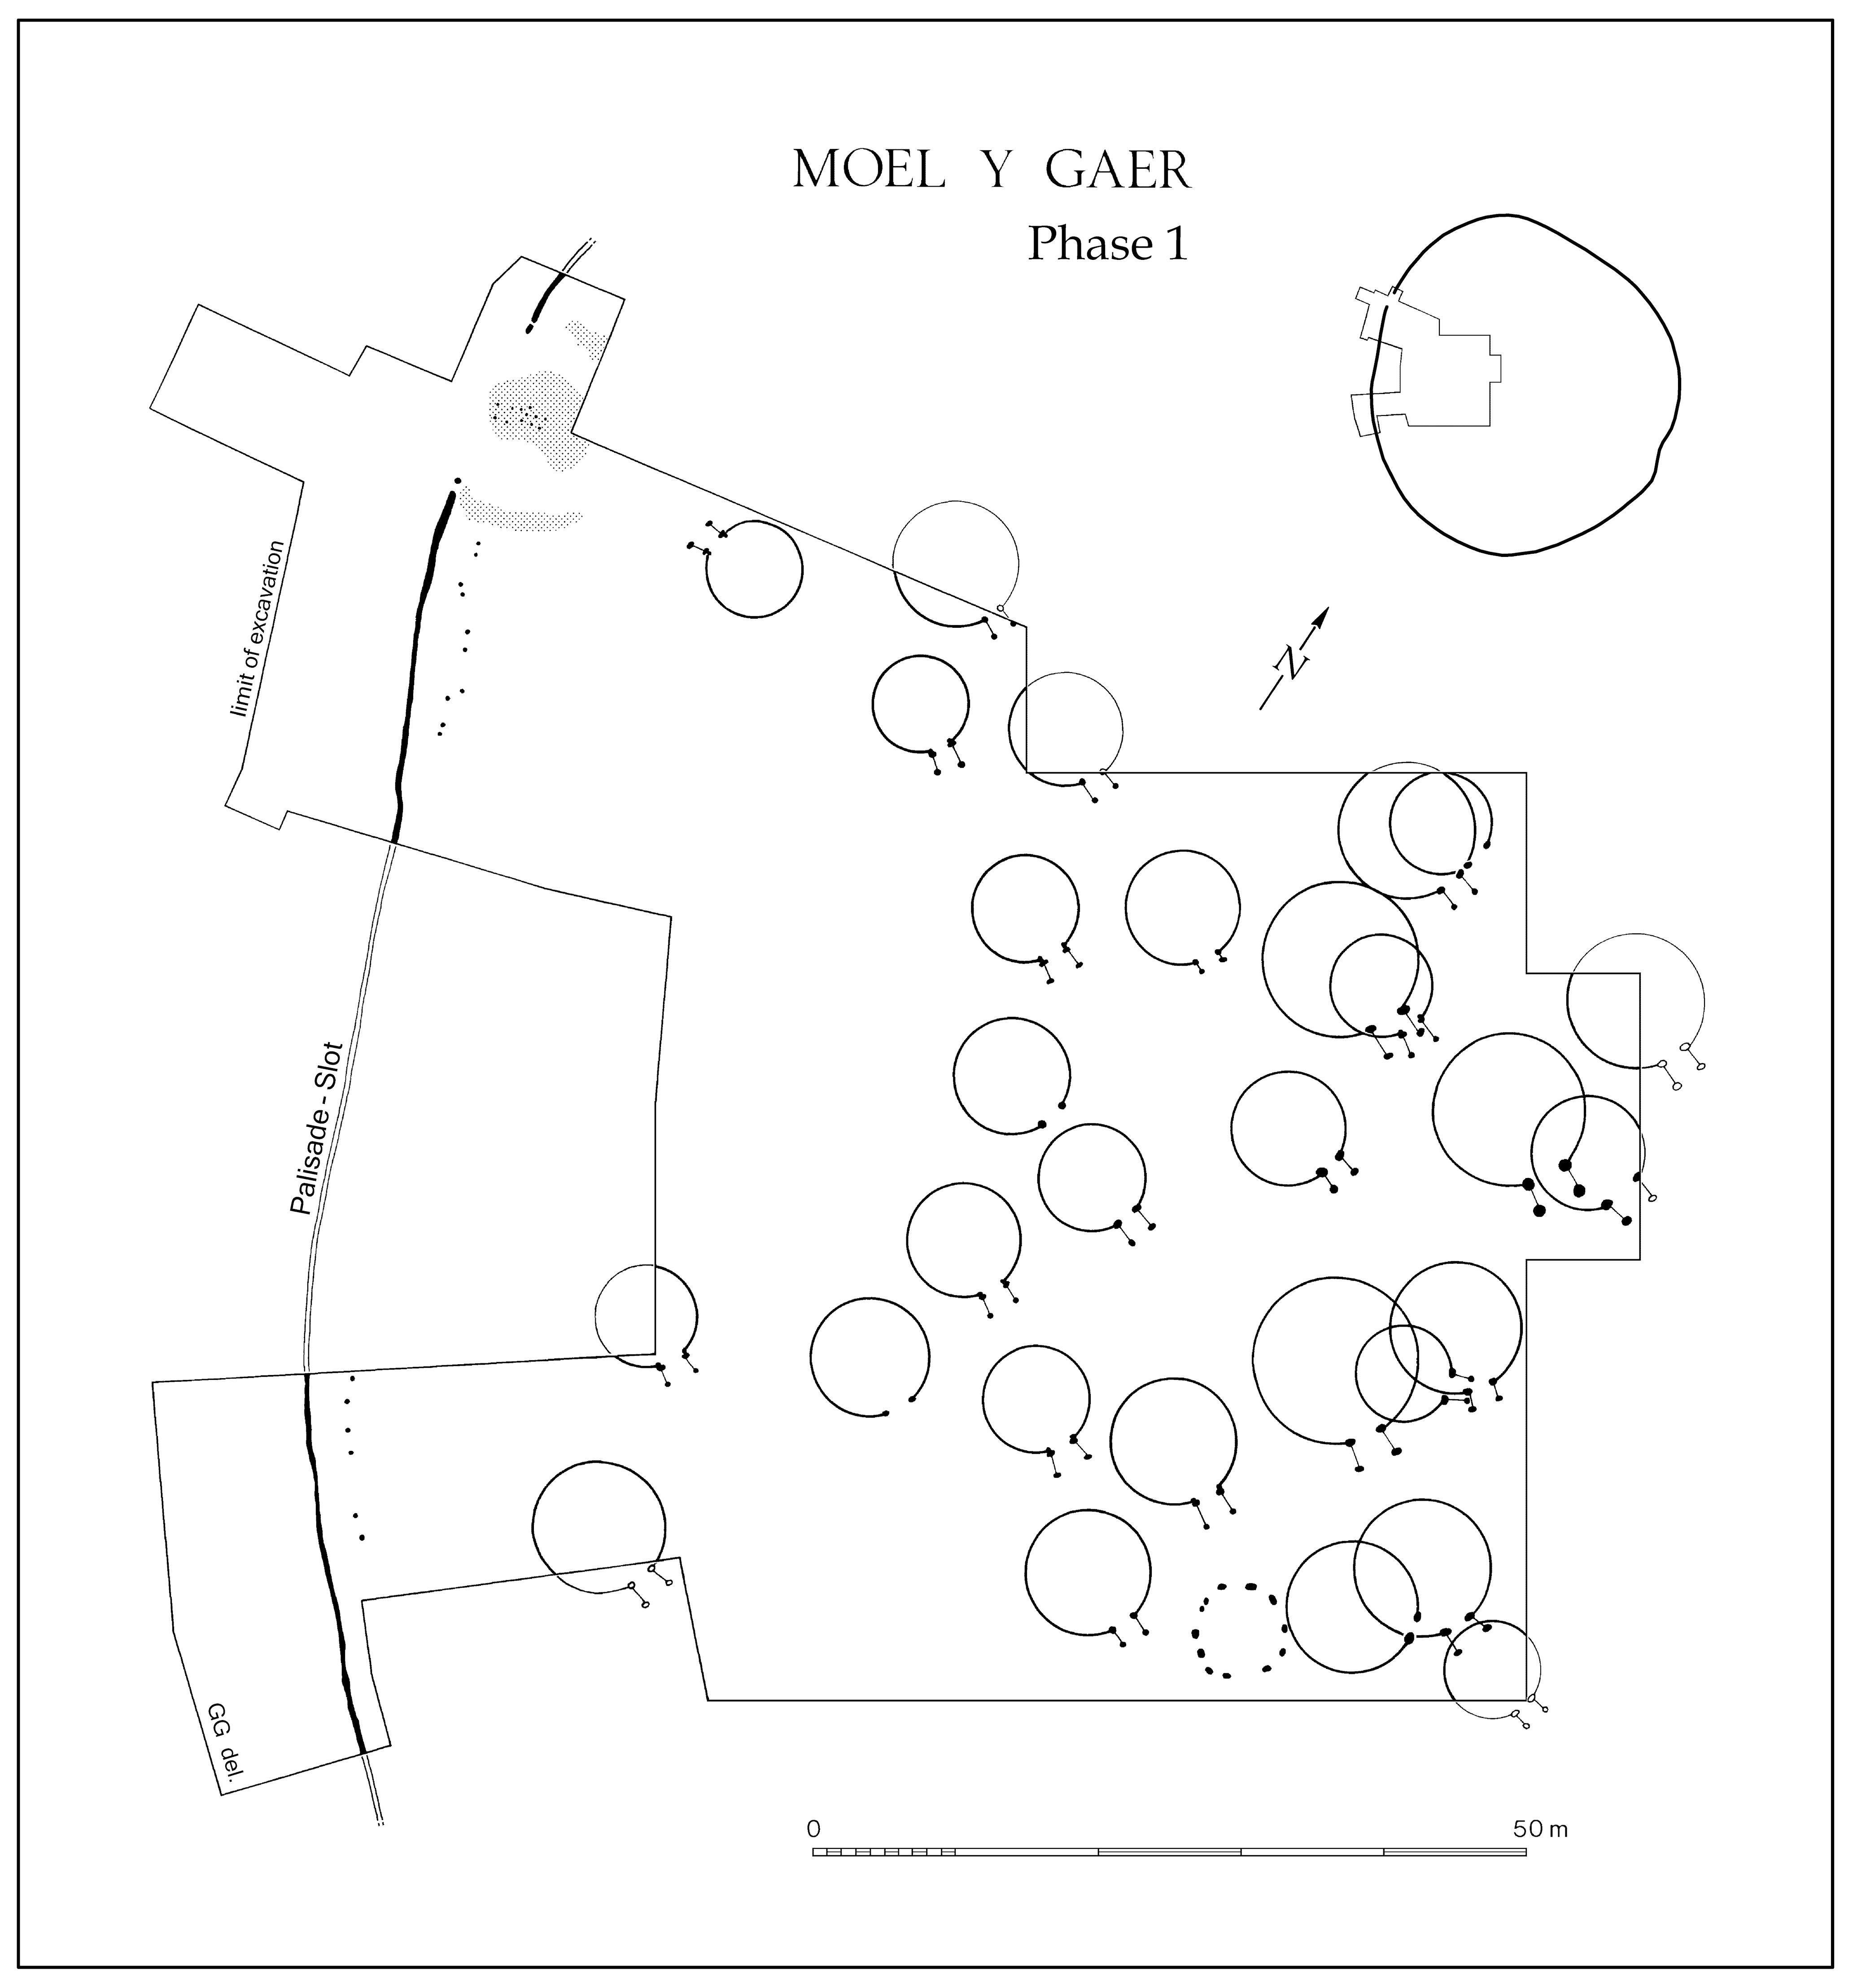 Moel y Gaer, Rhosesmor, Flintshire: Area-Excavation of